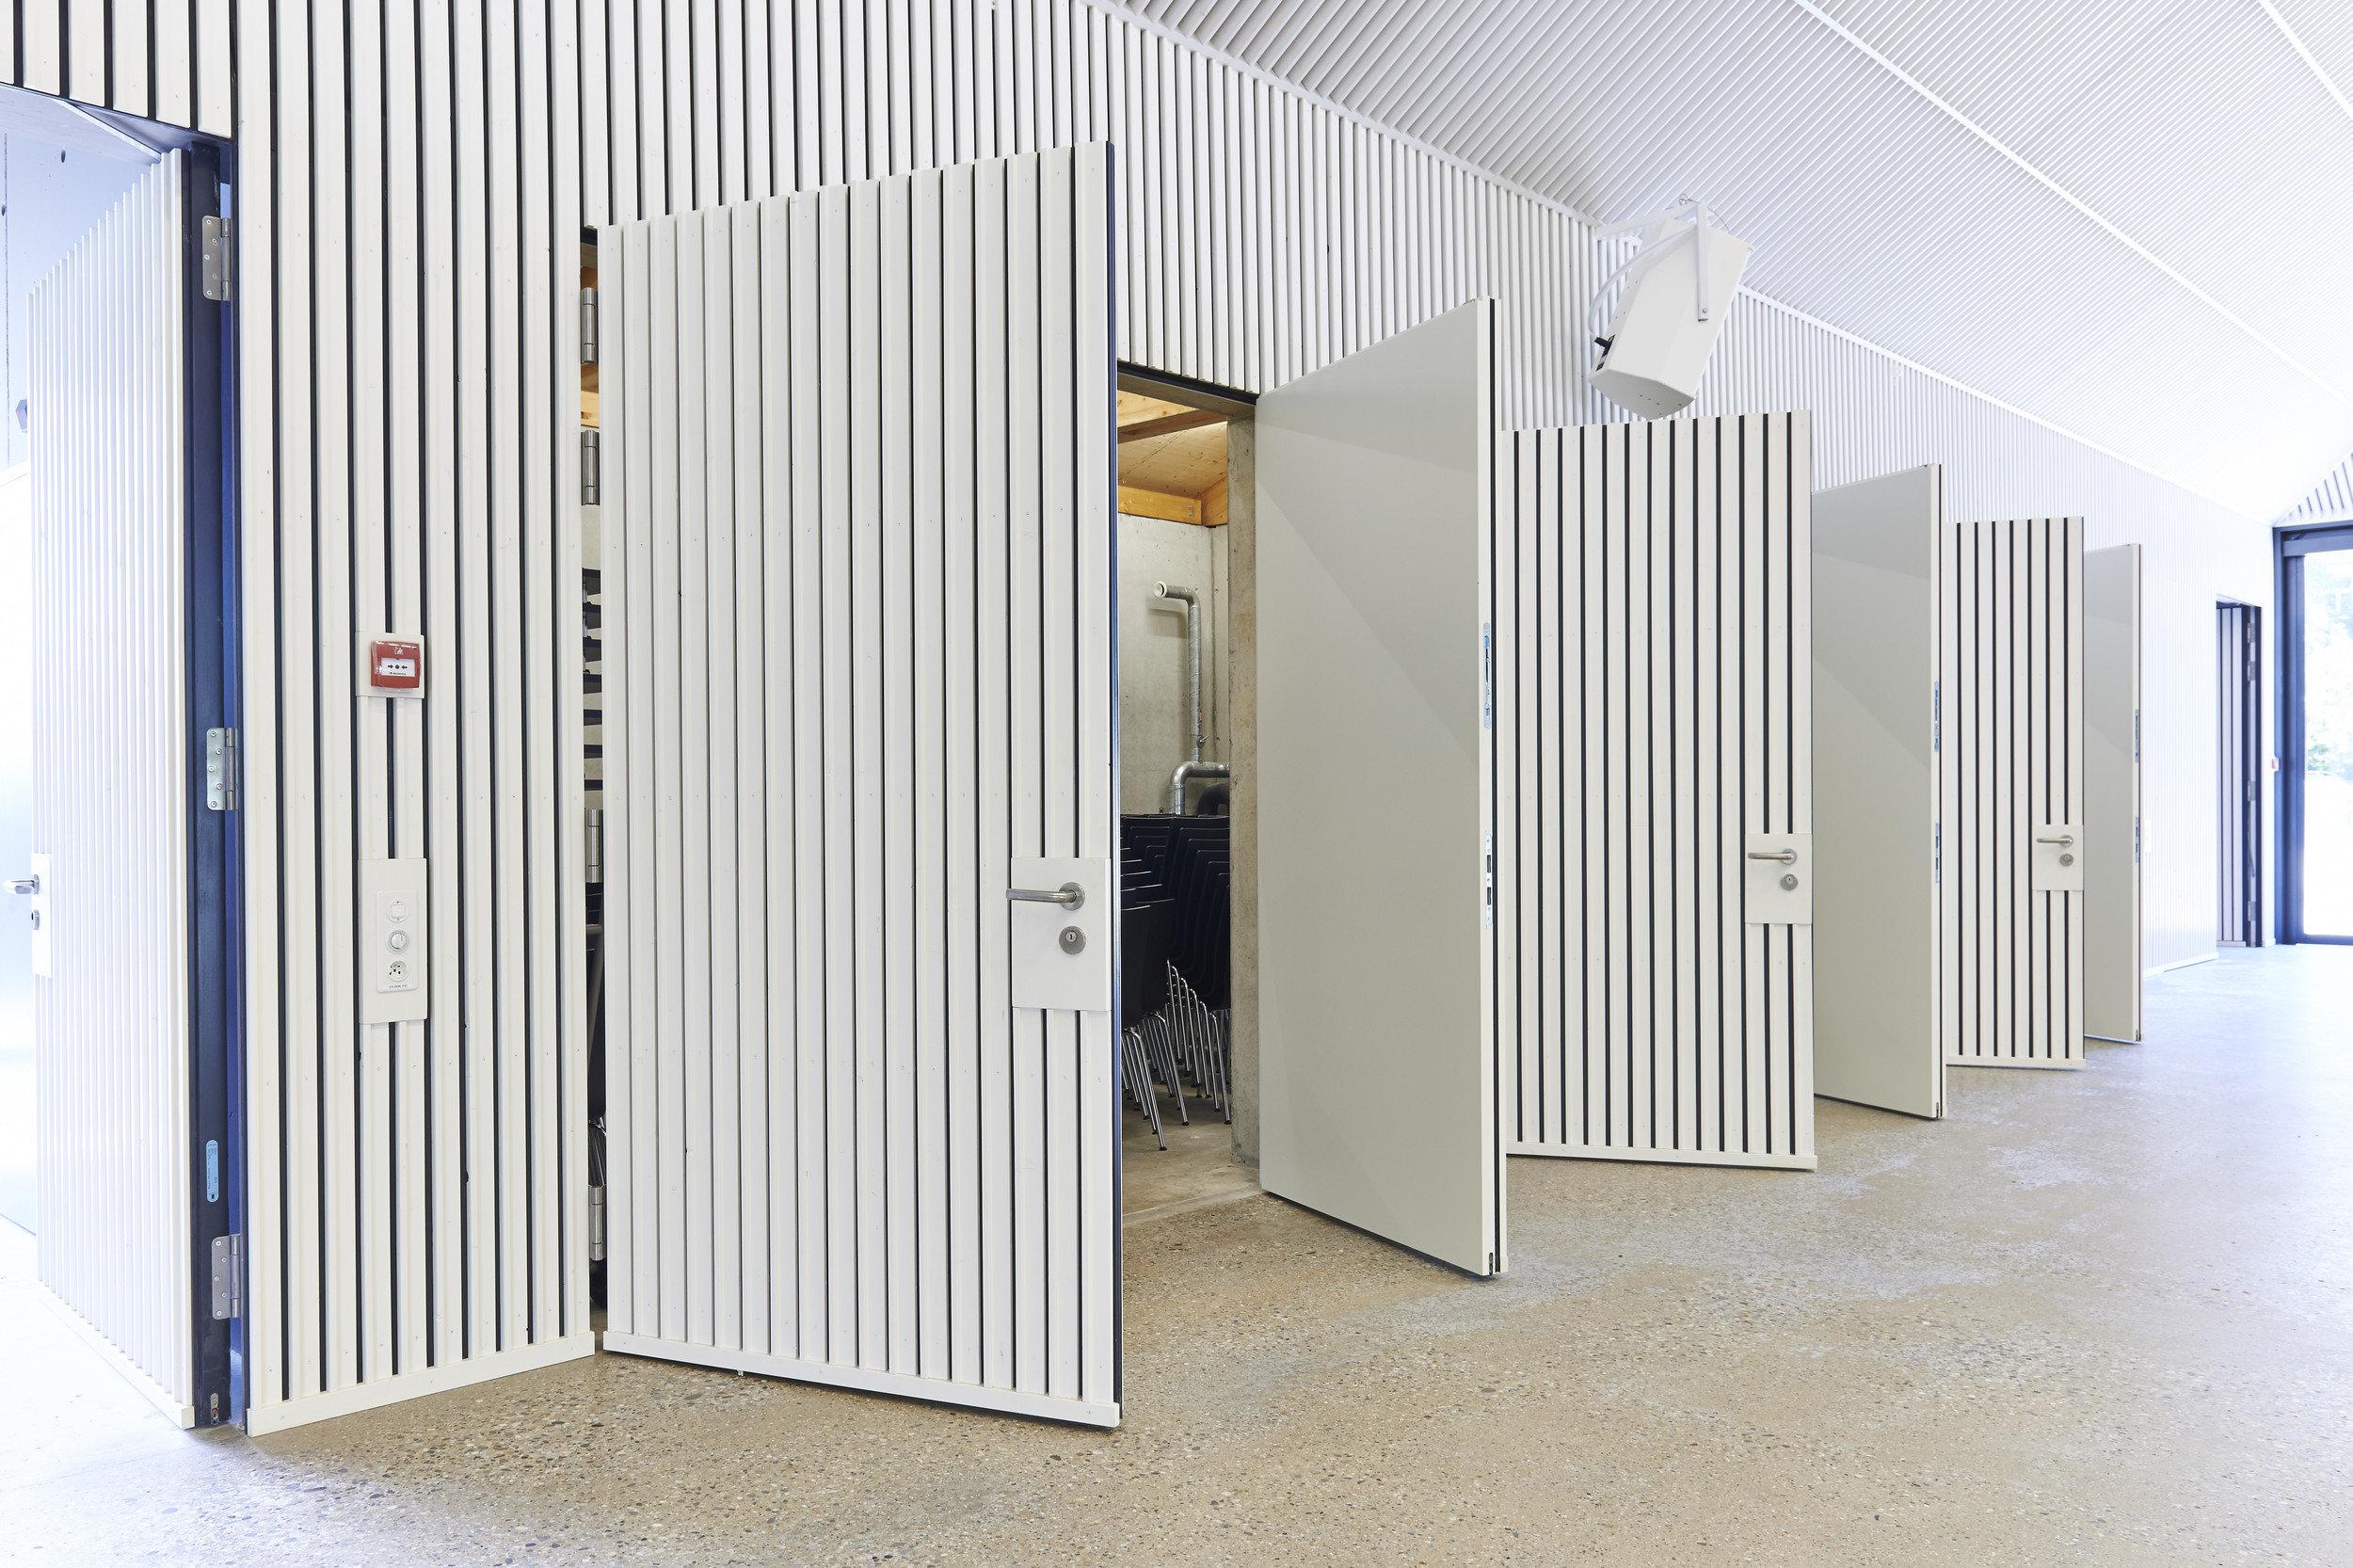 3 weisse zweiflügelige Brandschutztüren geöffnet mit weissem Fugenbild